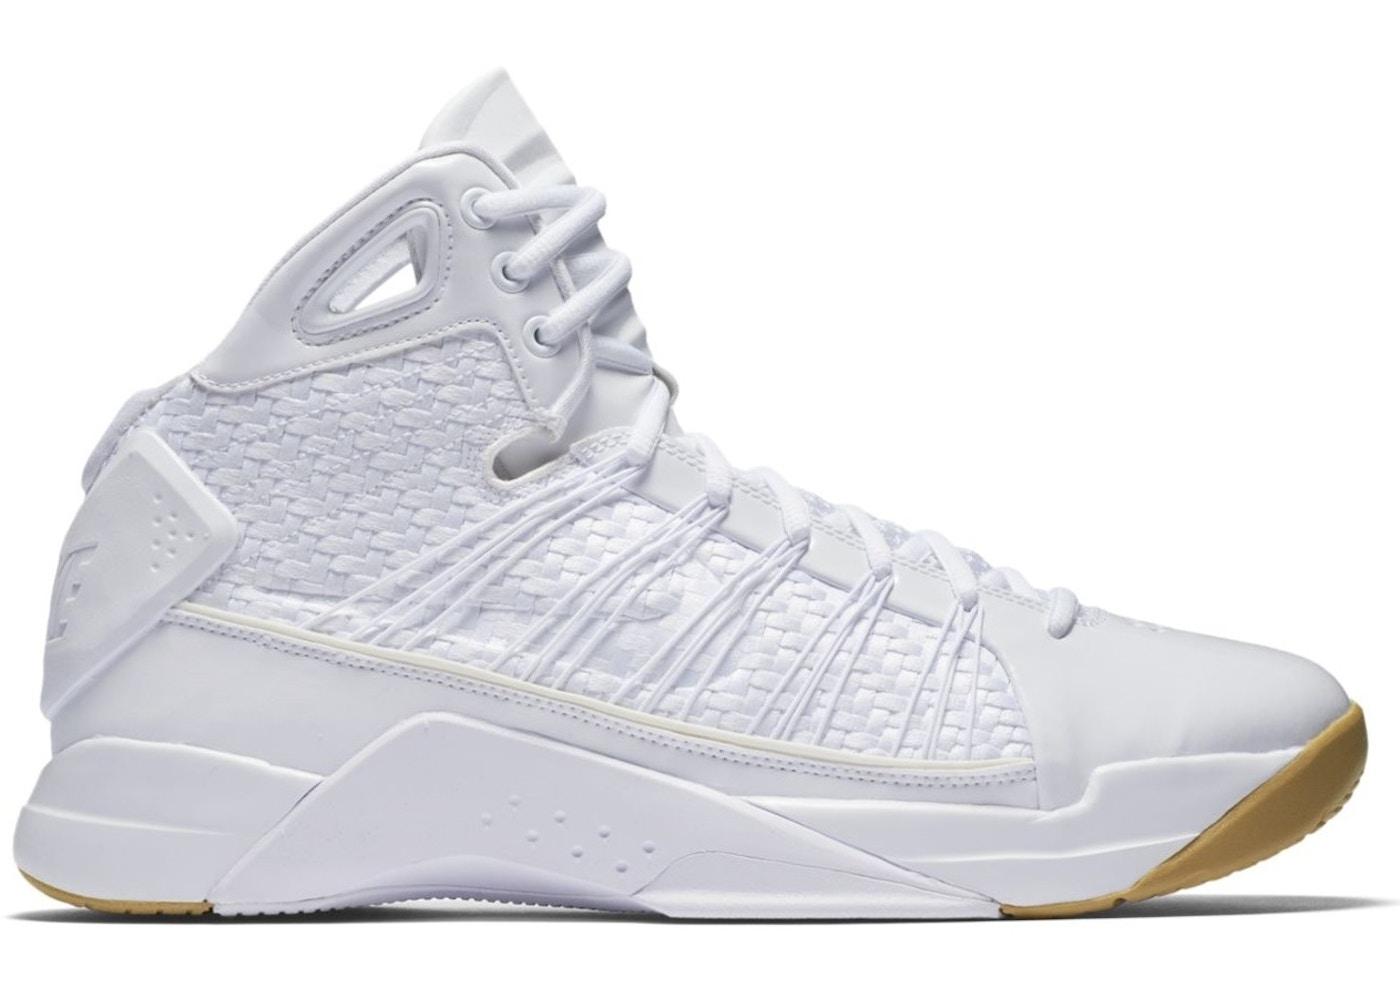 1db23246e750 Nike Hyperdunk Lux White Gum - 818137-100